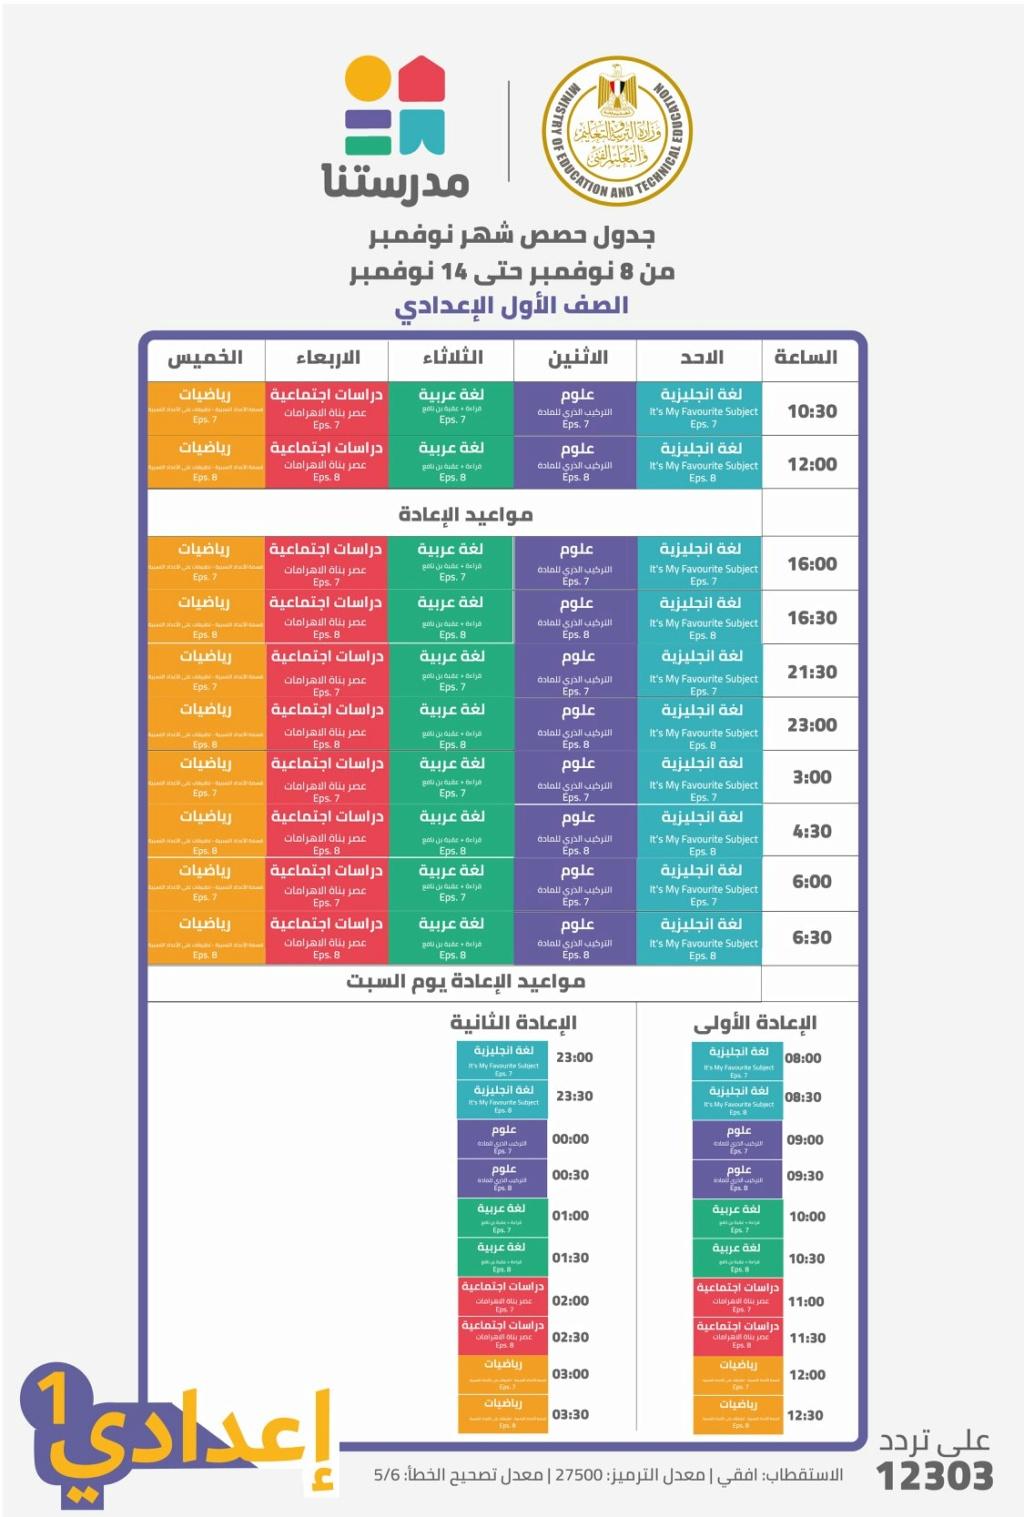 قناة مدرستنا l جدول الأسبوع الرابع من الأحد 8 نوفمبر حتى السبت 14 نوفمبر  41456